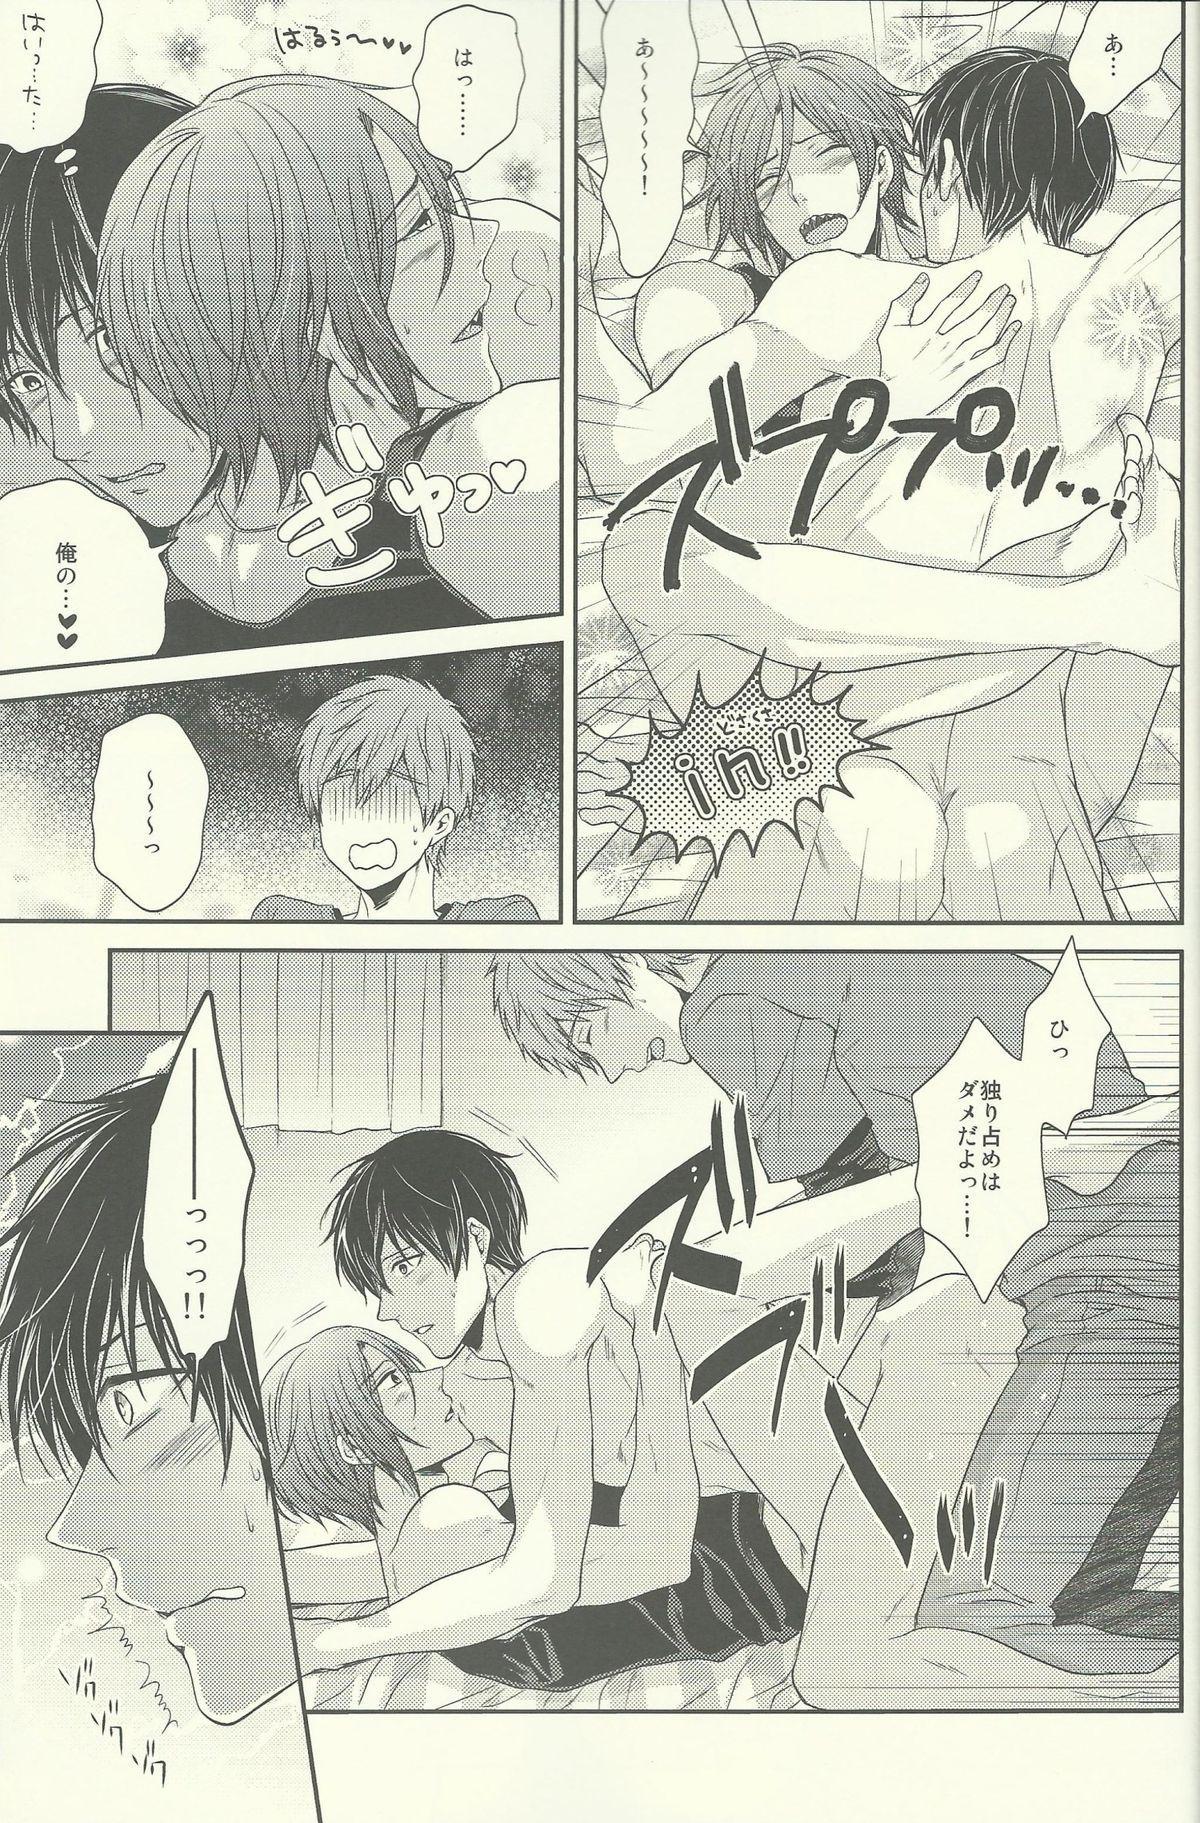 Yurushite Warui Iruka-chan 15